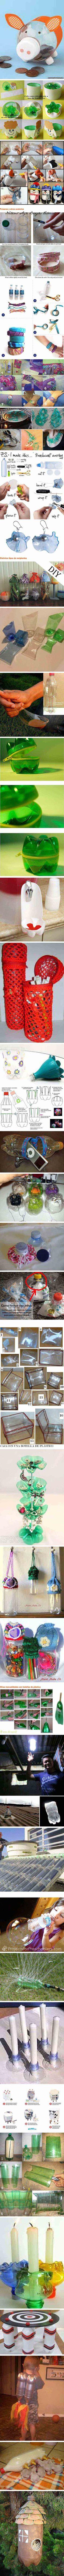 manualidades reciclando botellas de plastico